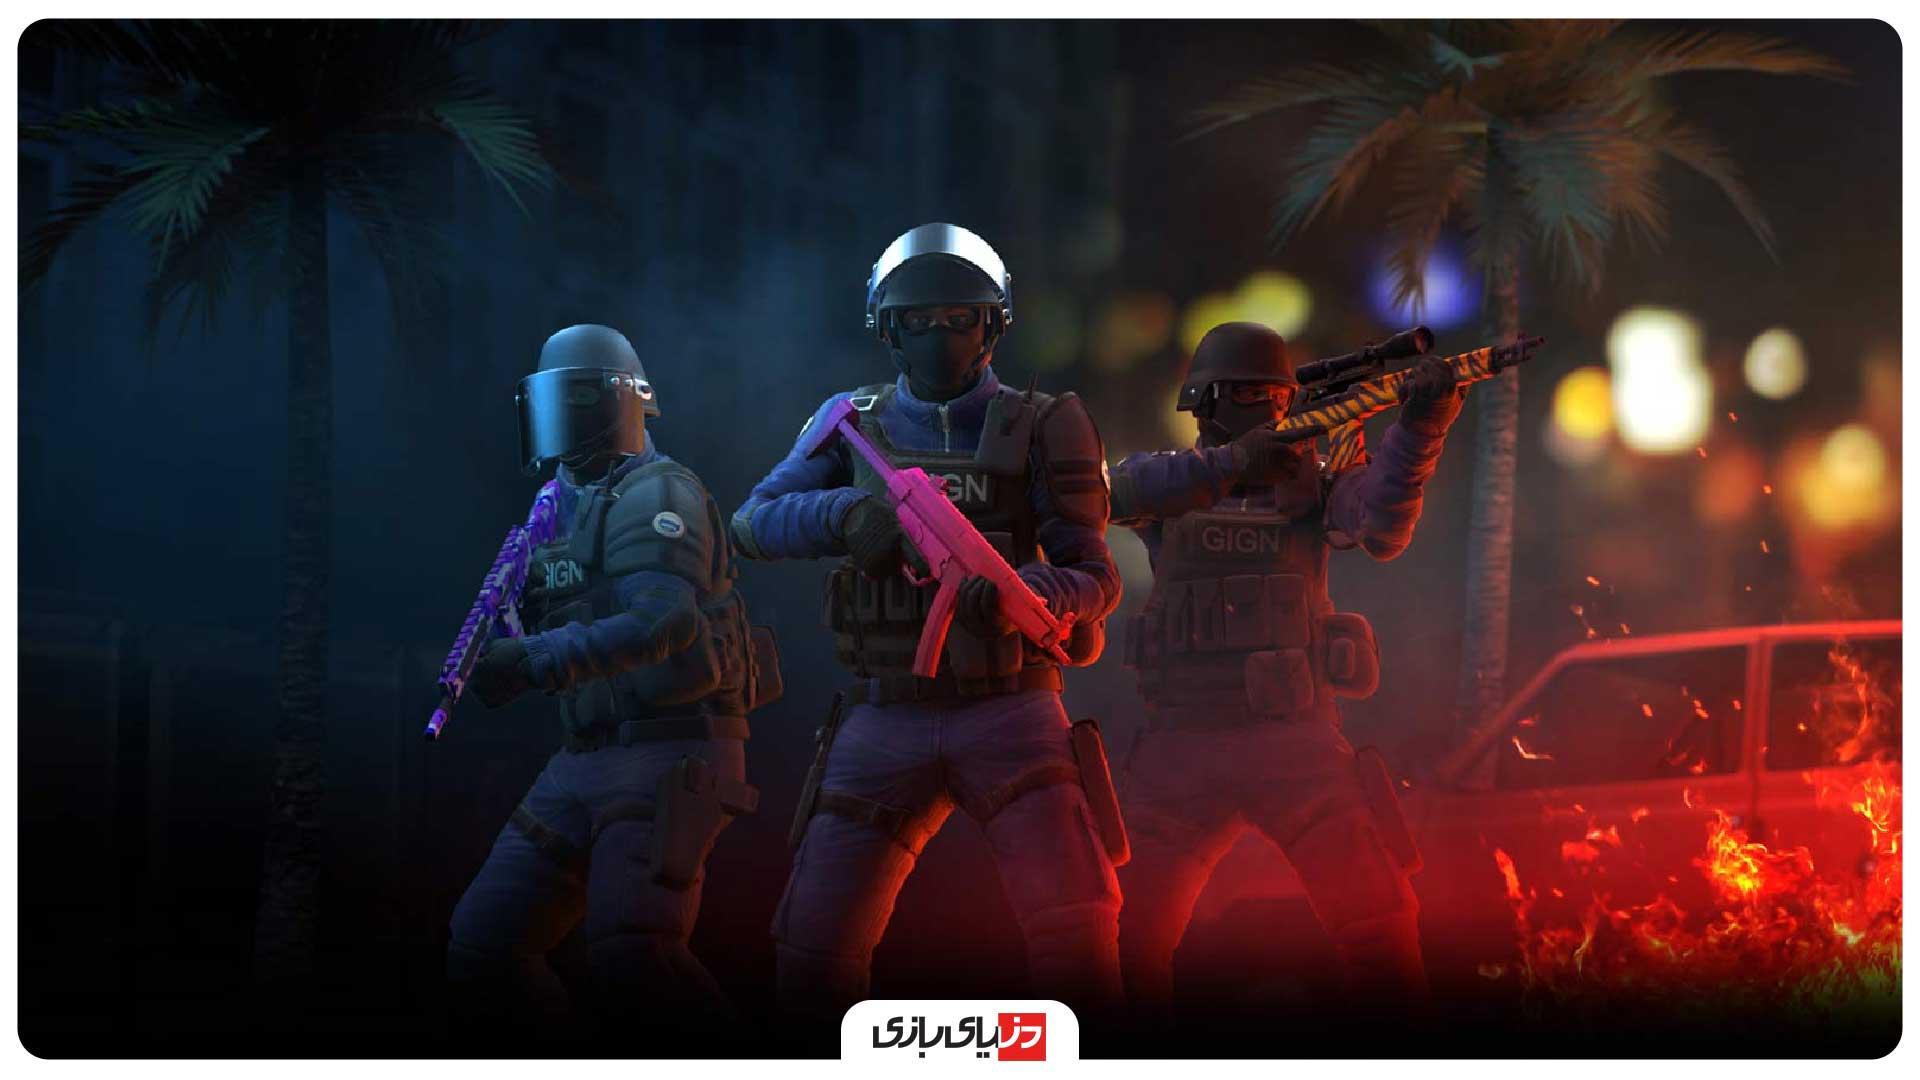 بازی جنگی آنلاین برای گوشی